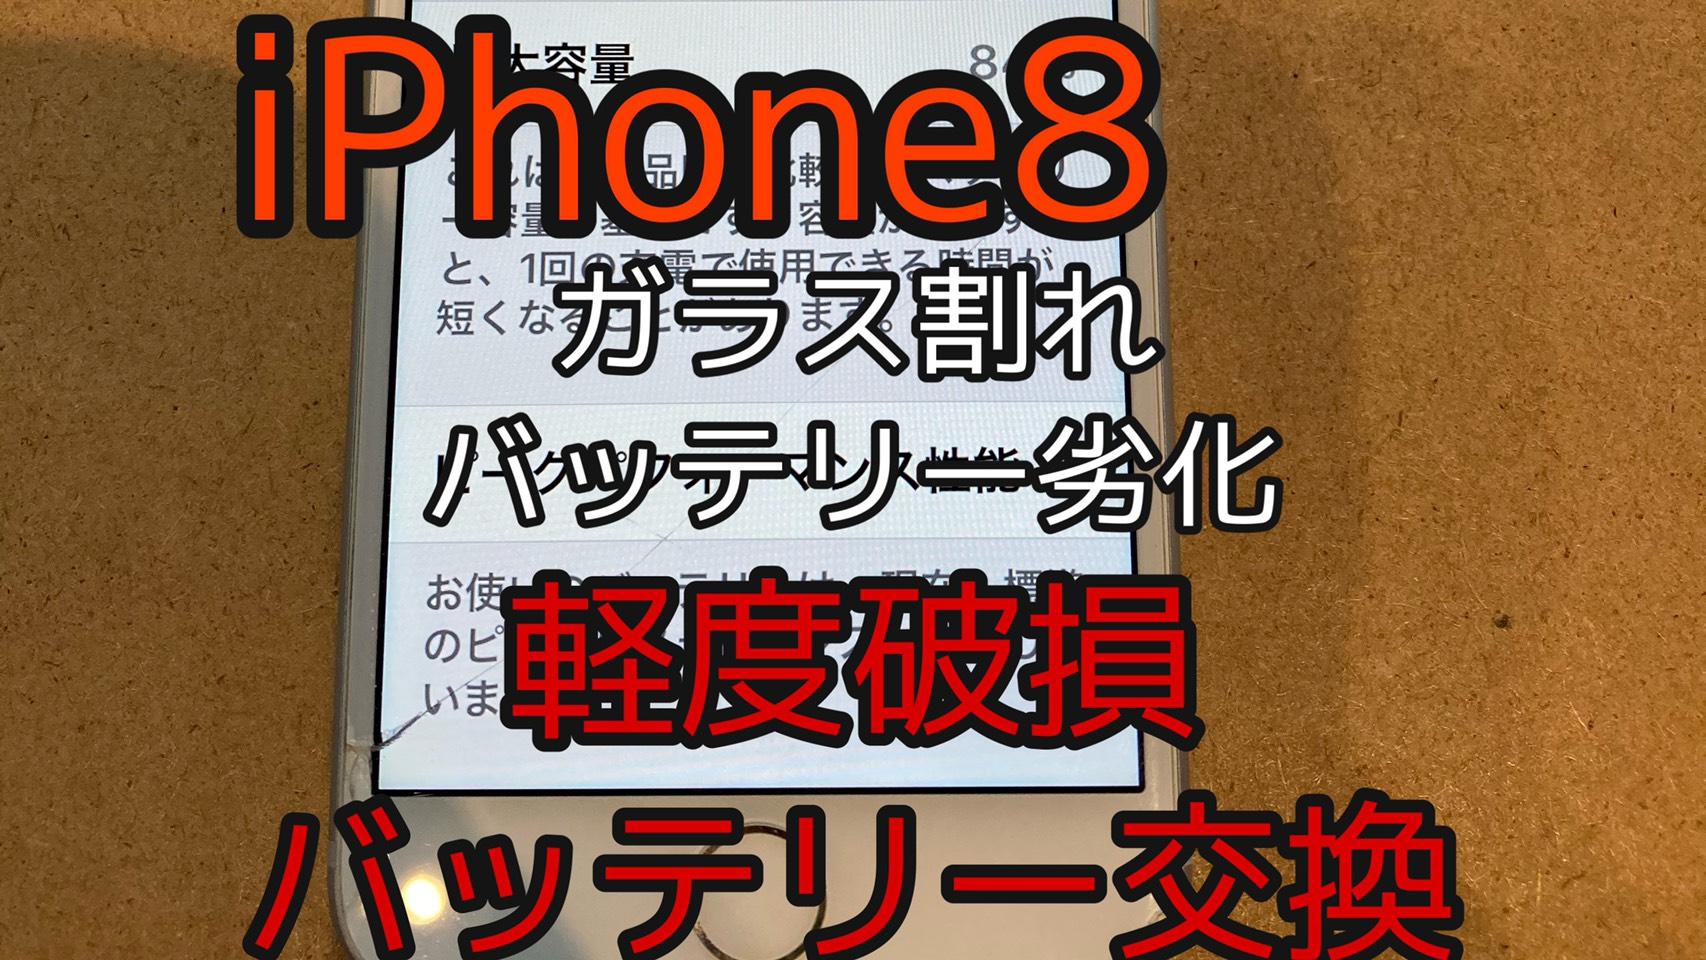 iPhone8アイキャッチ画像